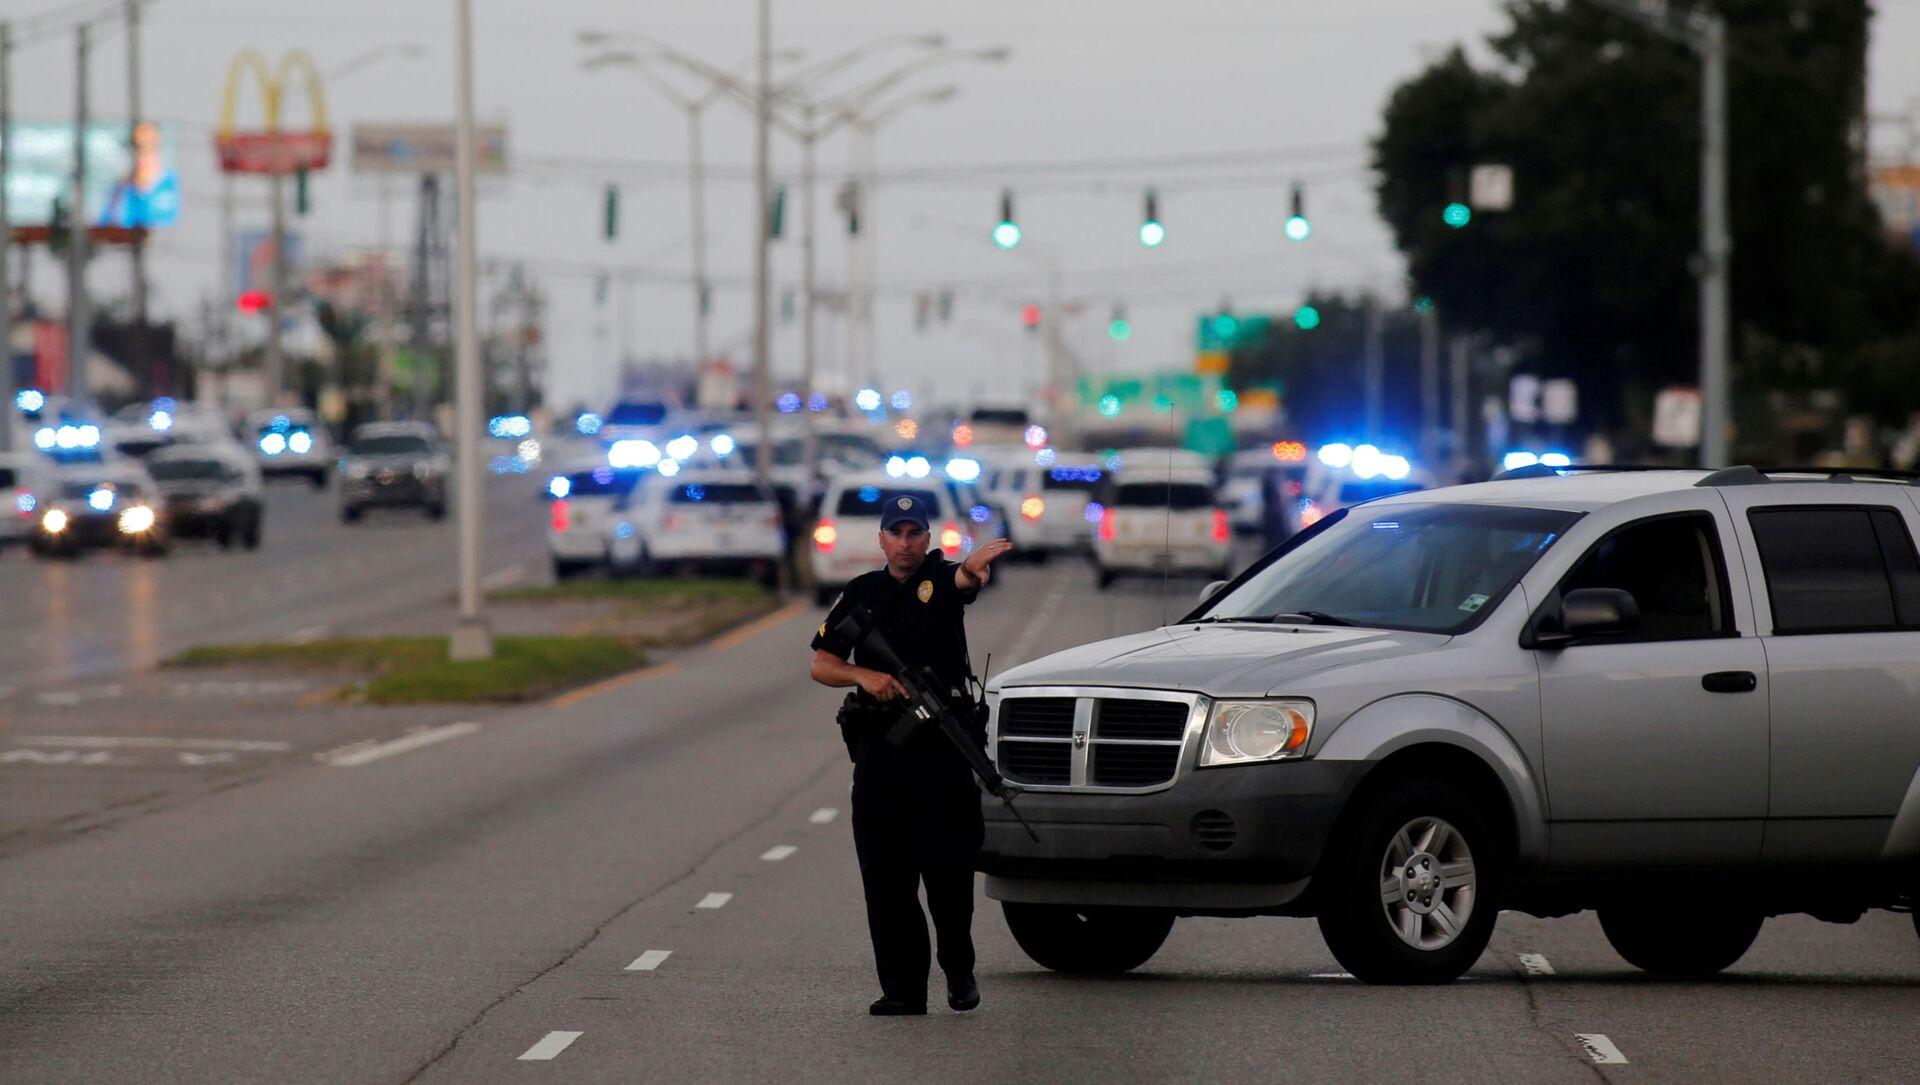 Полиция блокирует дорогу в городе Батон-Руж, штат Луизиана  - Sputnik Italia, 1920, 19.04.2021